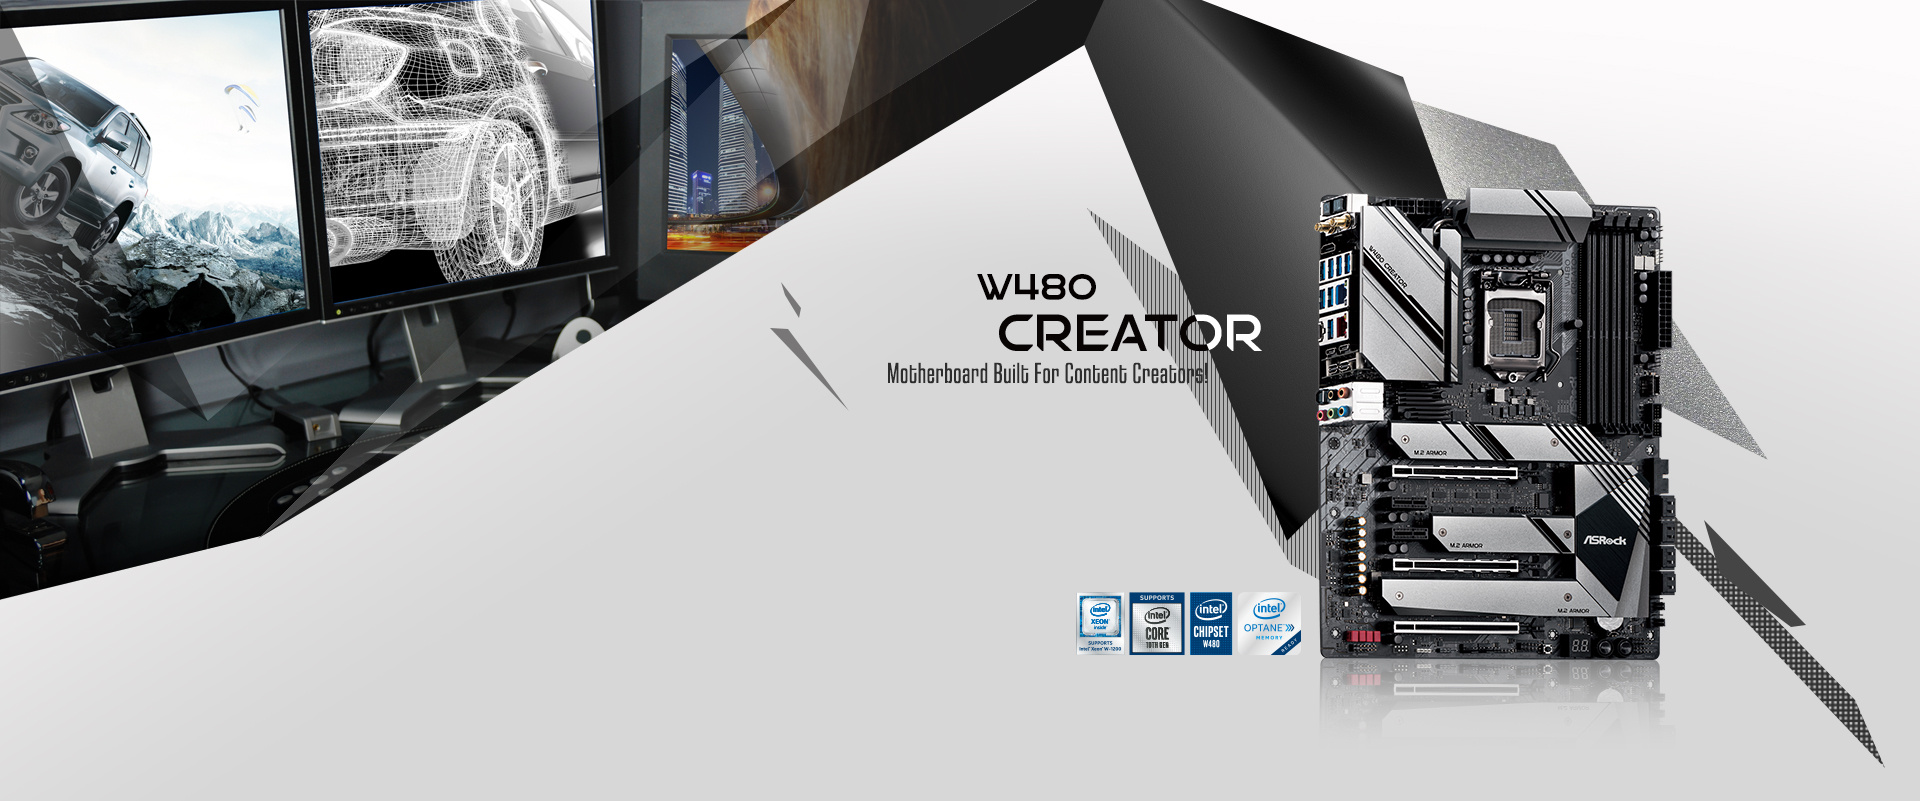 Das ASRock W480 Creator soll vor allem kreative Köpfe wie Entwickler ansprechen